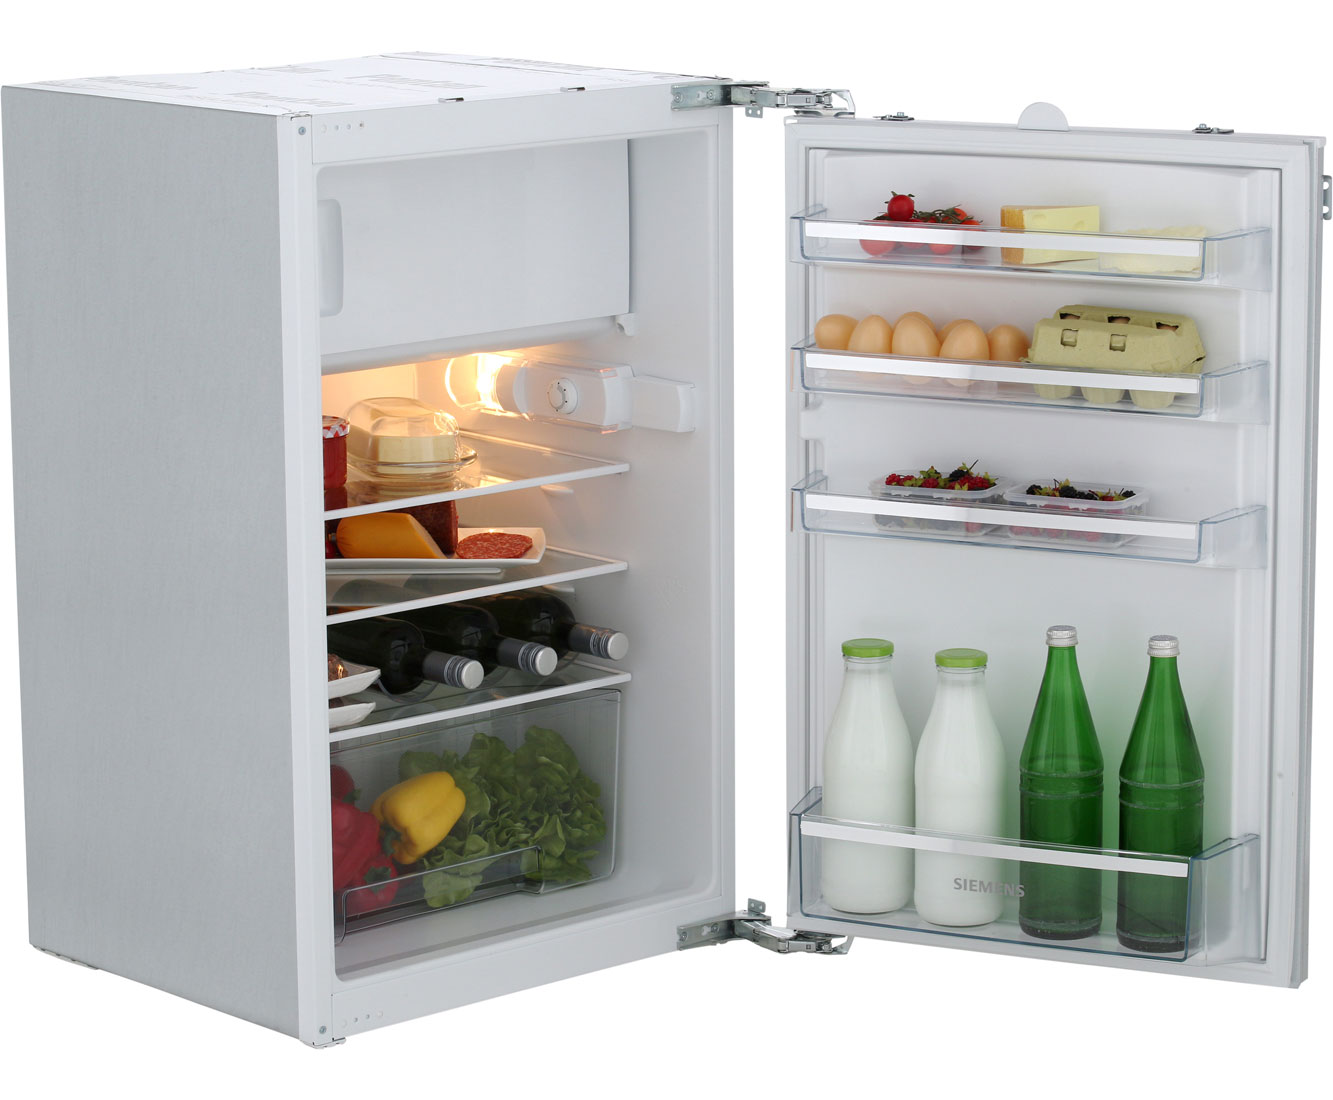 Siemens Kühlschrank Temperatur : Siemens ki lv einbau kühlschrank mit gefrierfach er nische